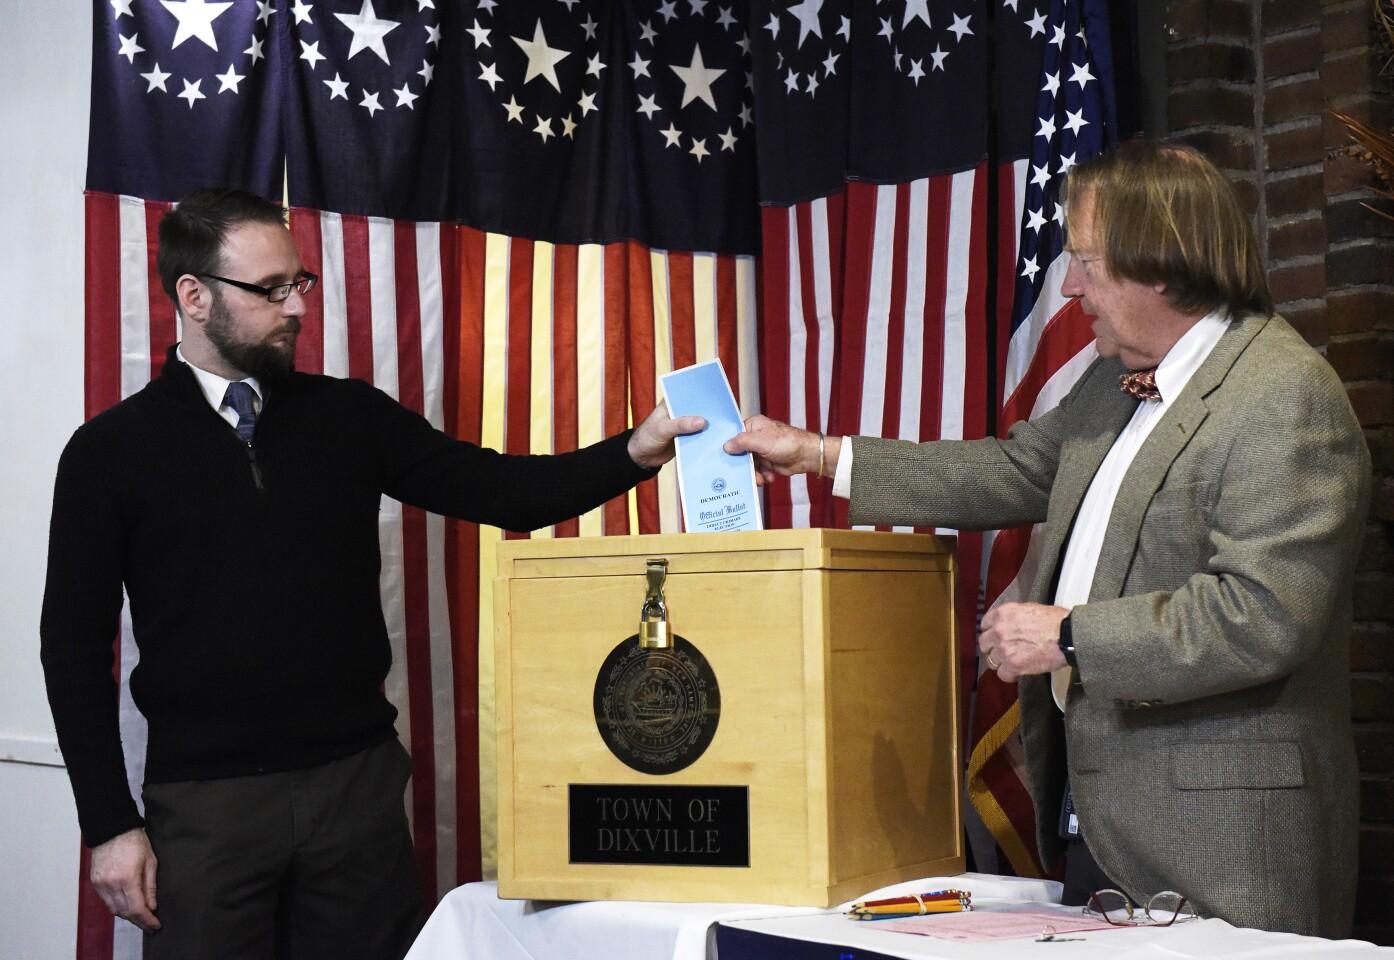 Photos: New Hampshire primary